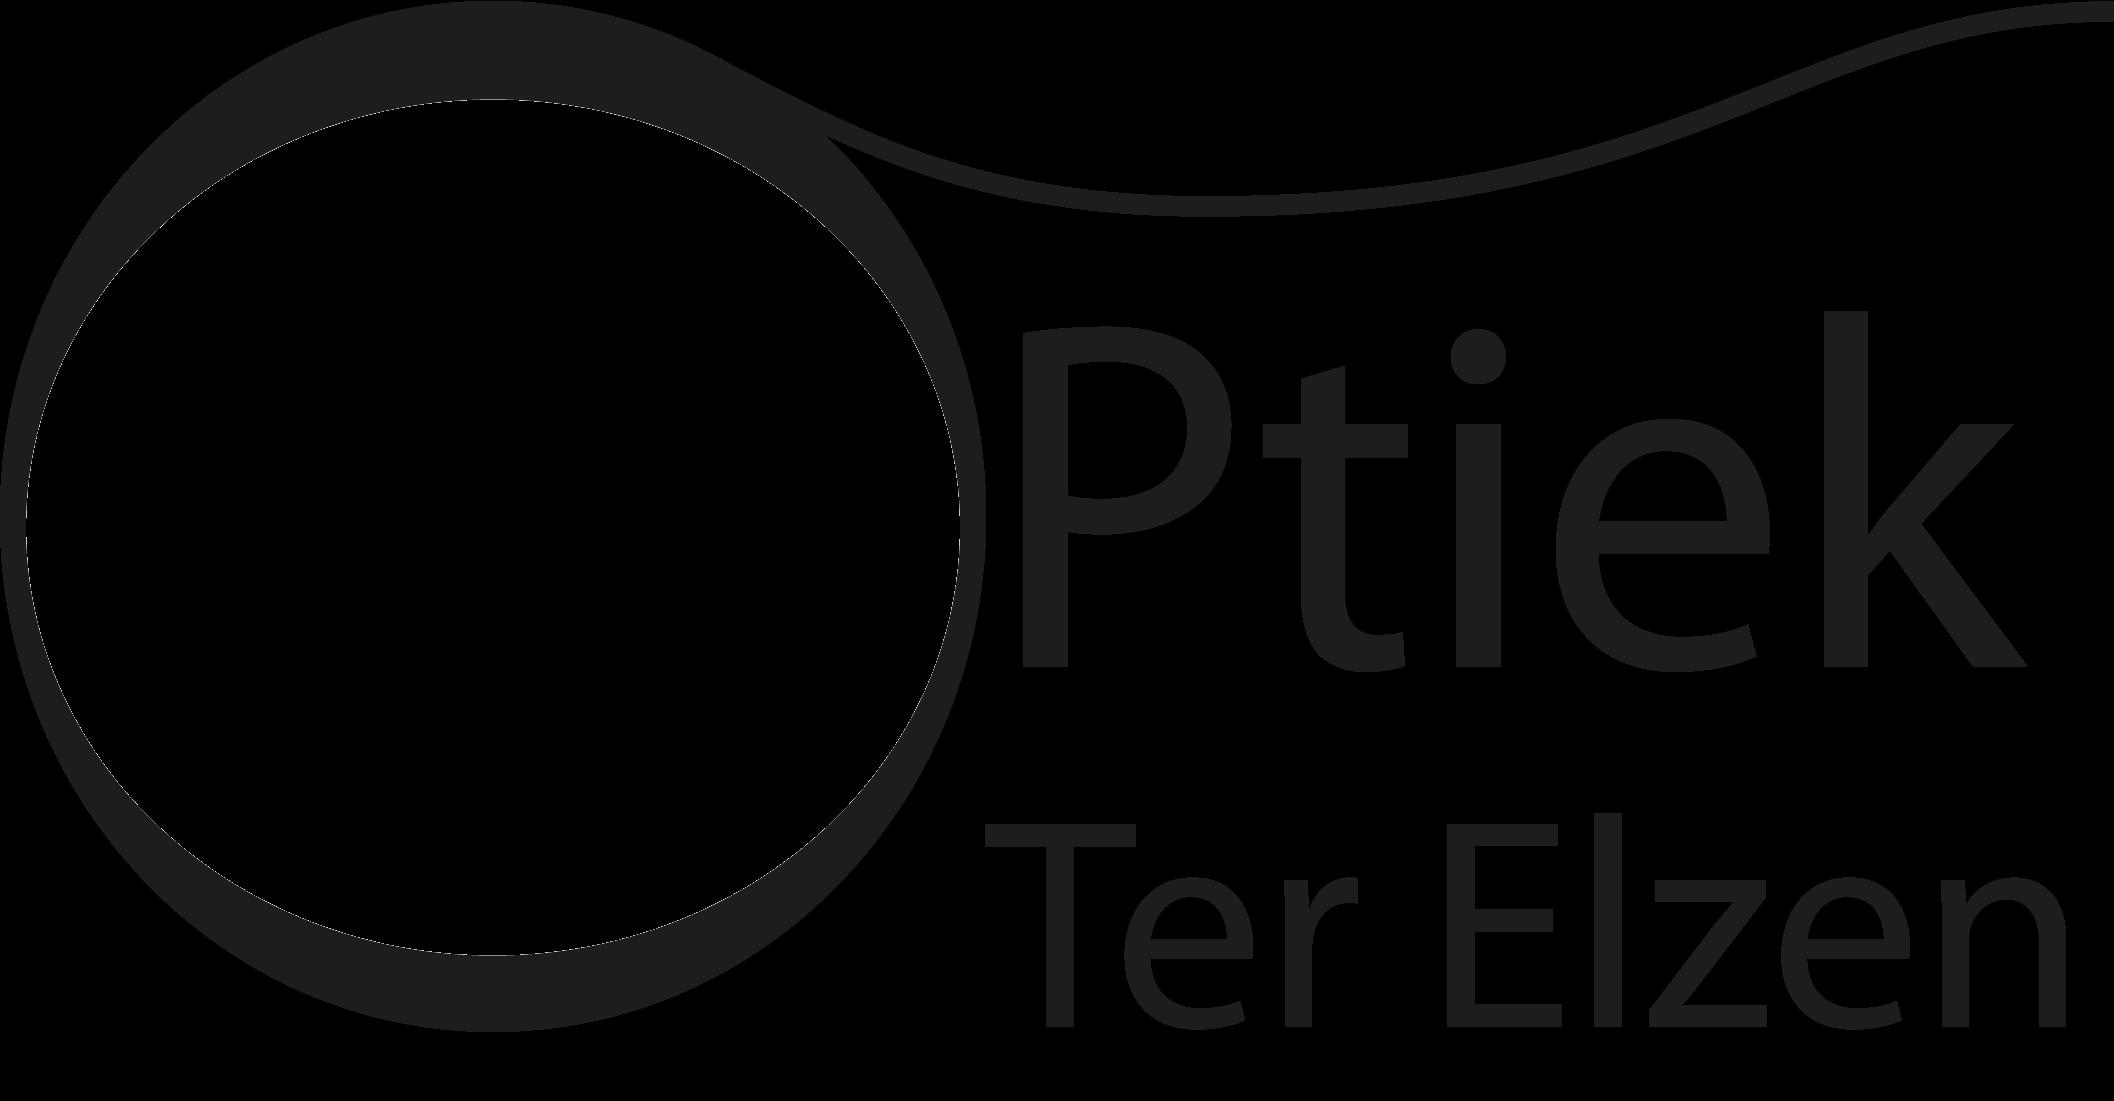 Optiek Ter Elzen - Antwerpen